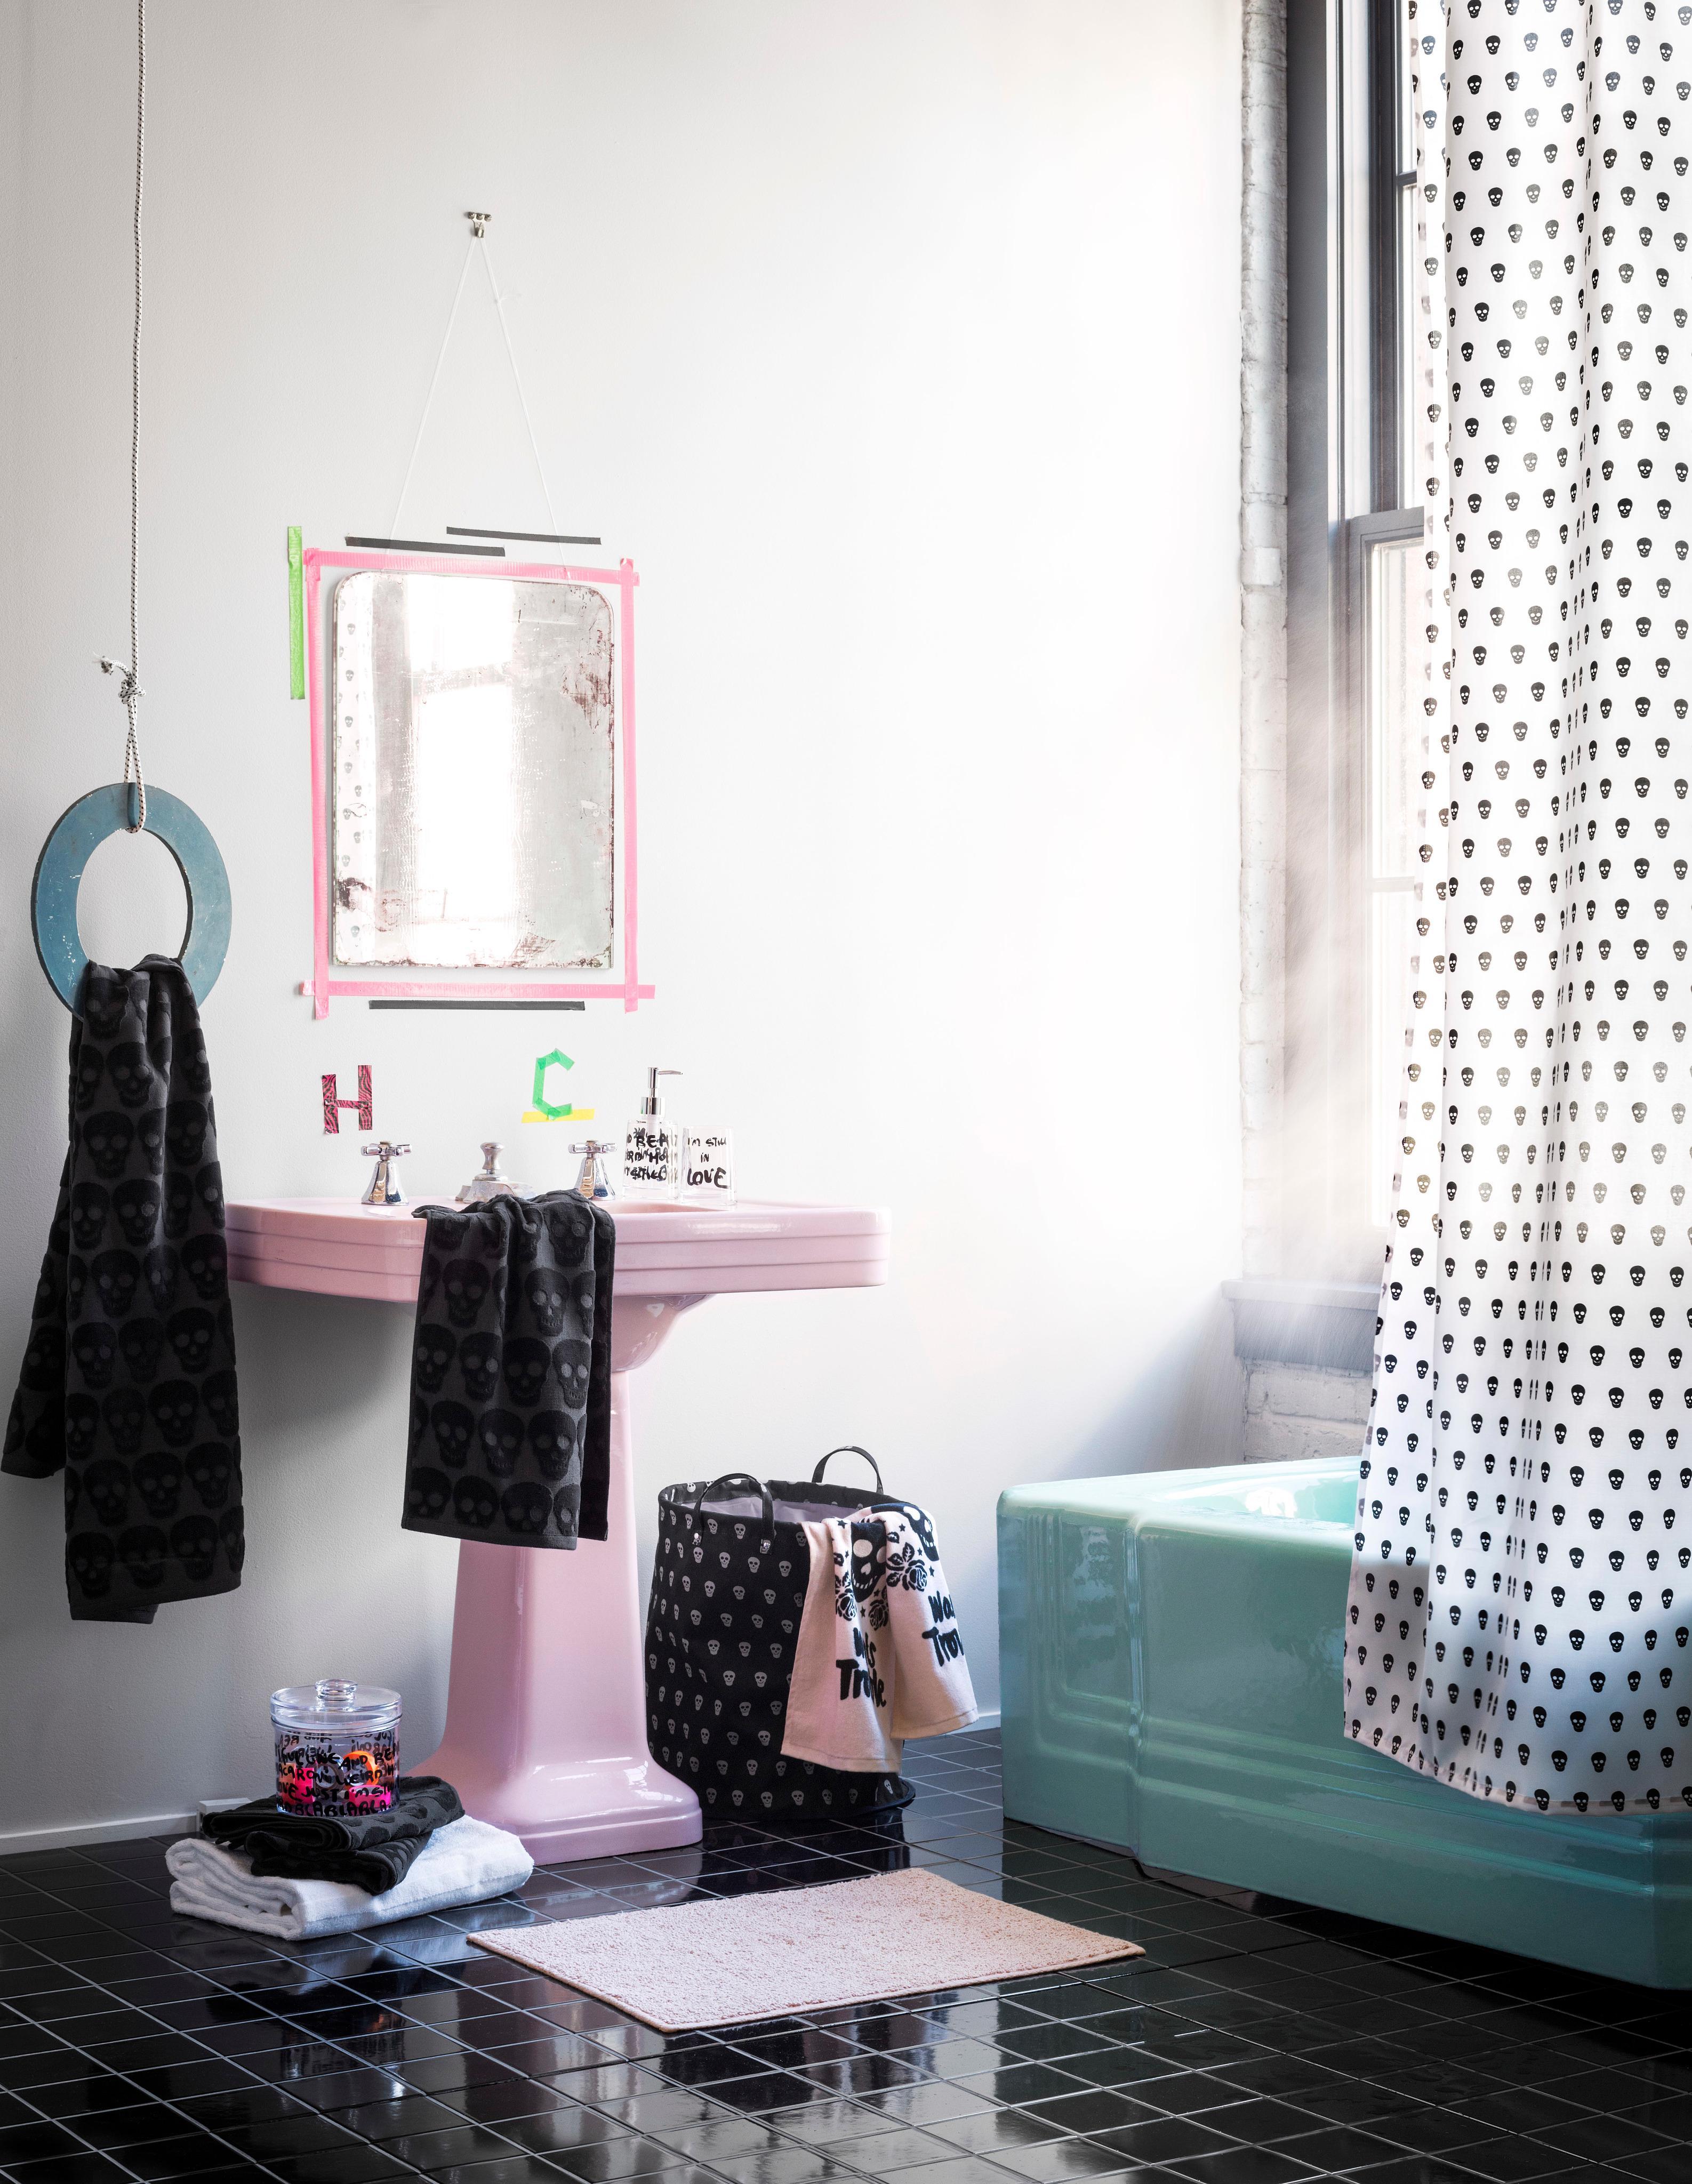 duschvorhang • bilder & ideen • couchstyle, Hause deko